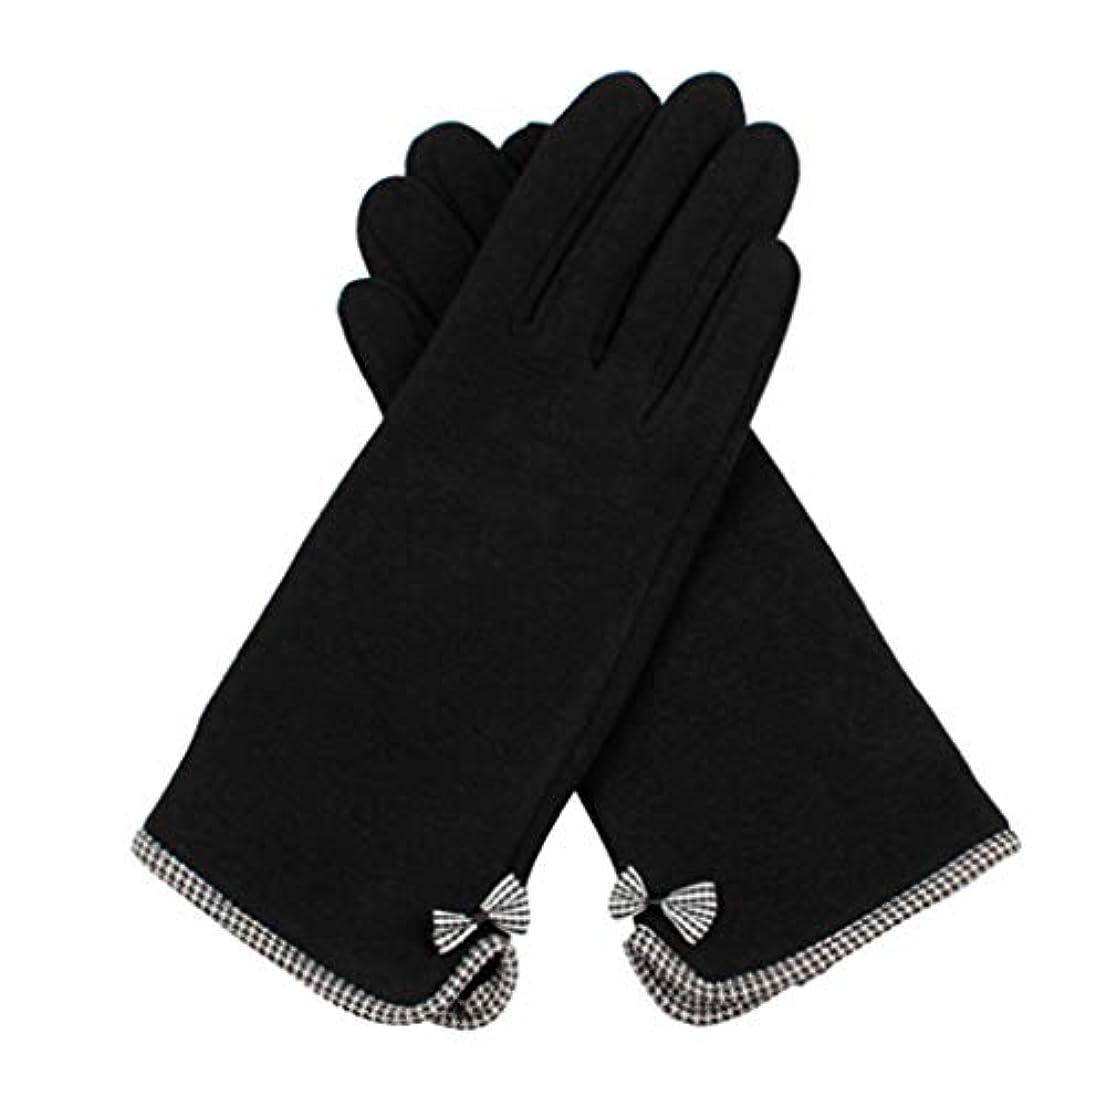 困難おめでとう戸口手袋女性の冬暖かい韓国語版蝶の結び目の学生ファッションスリムサイクリング運転女性の手袋 (色 : 黒)